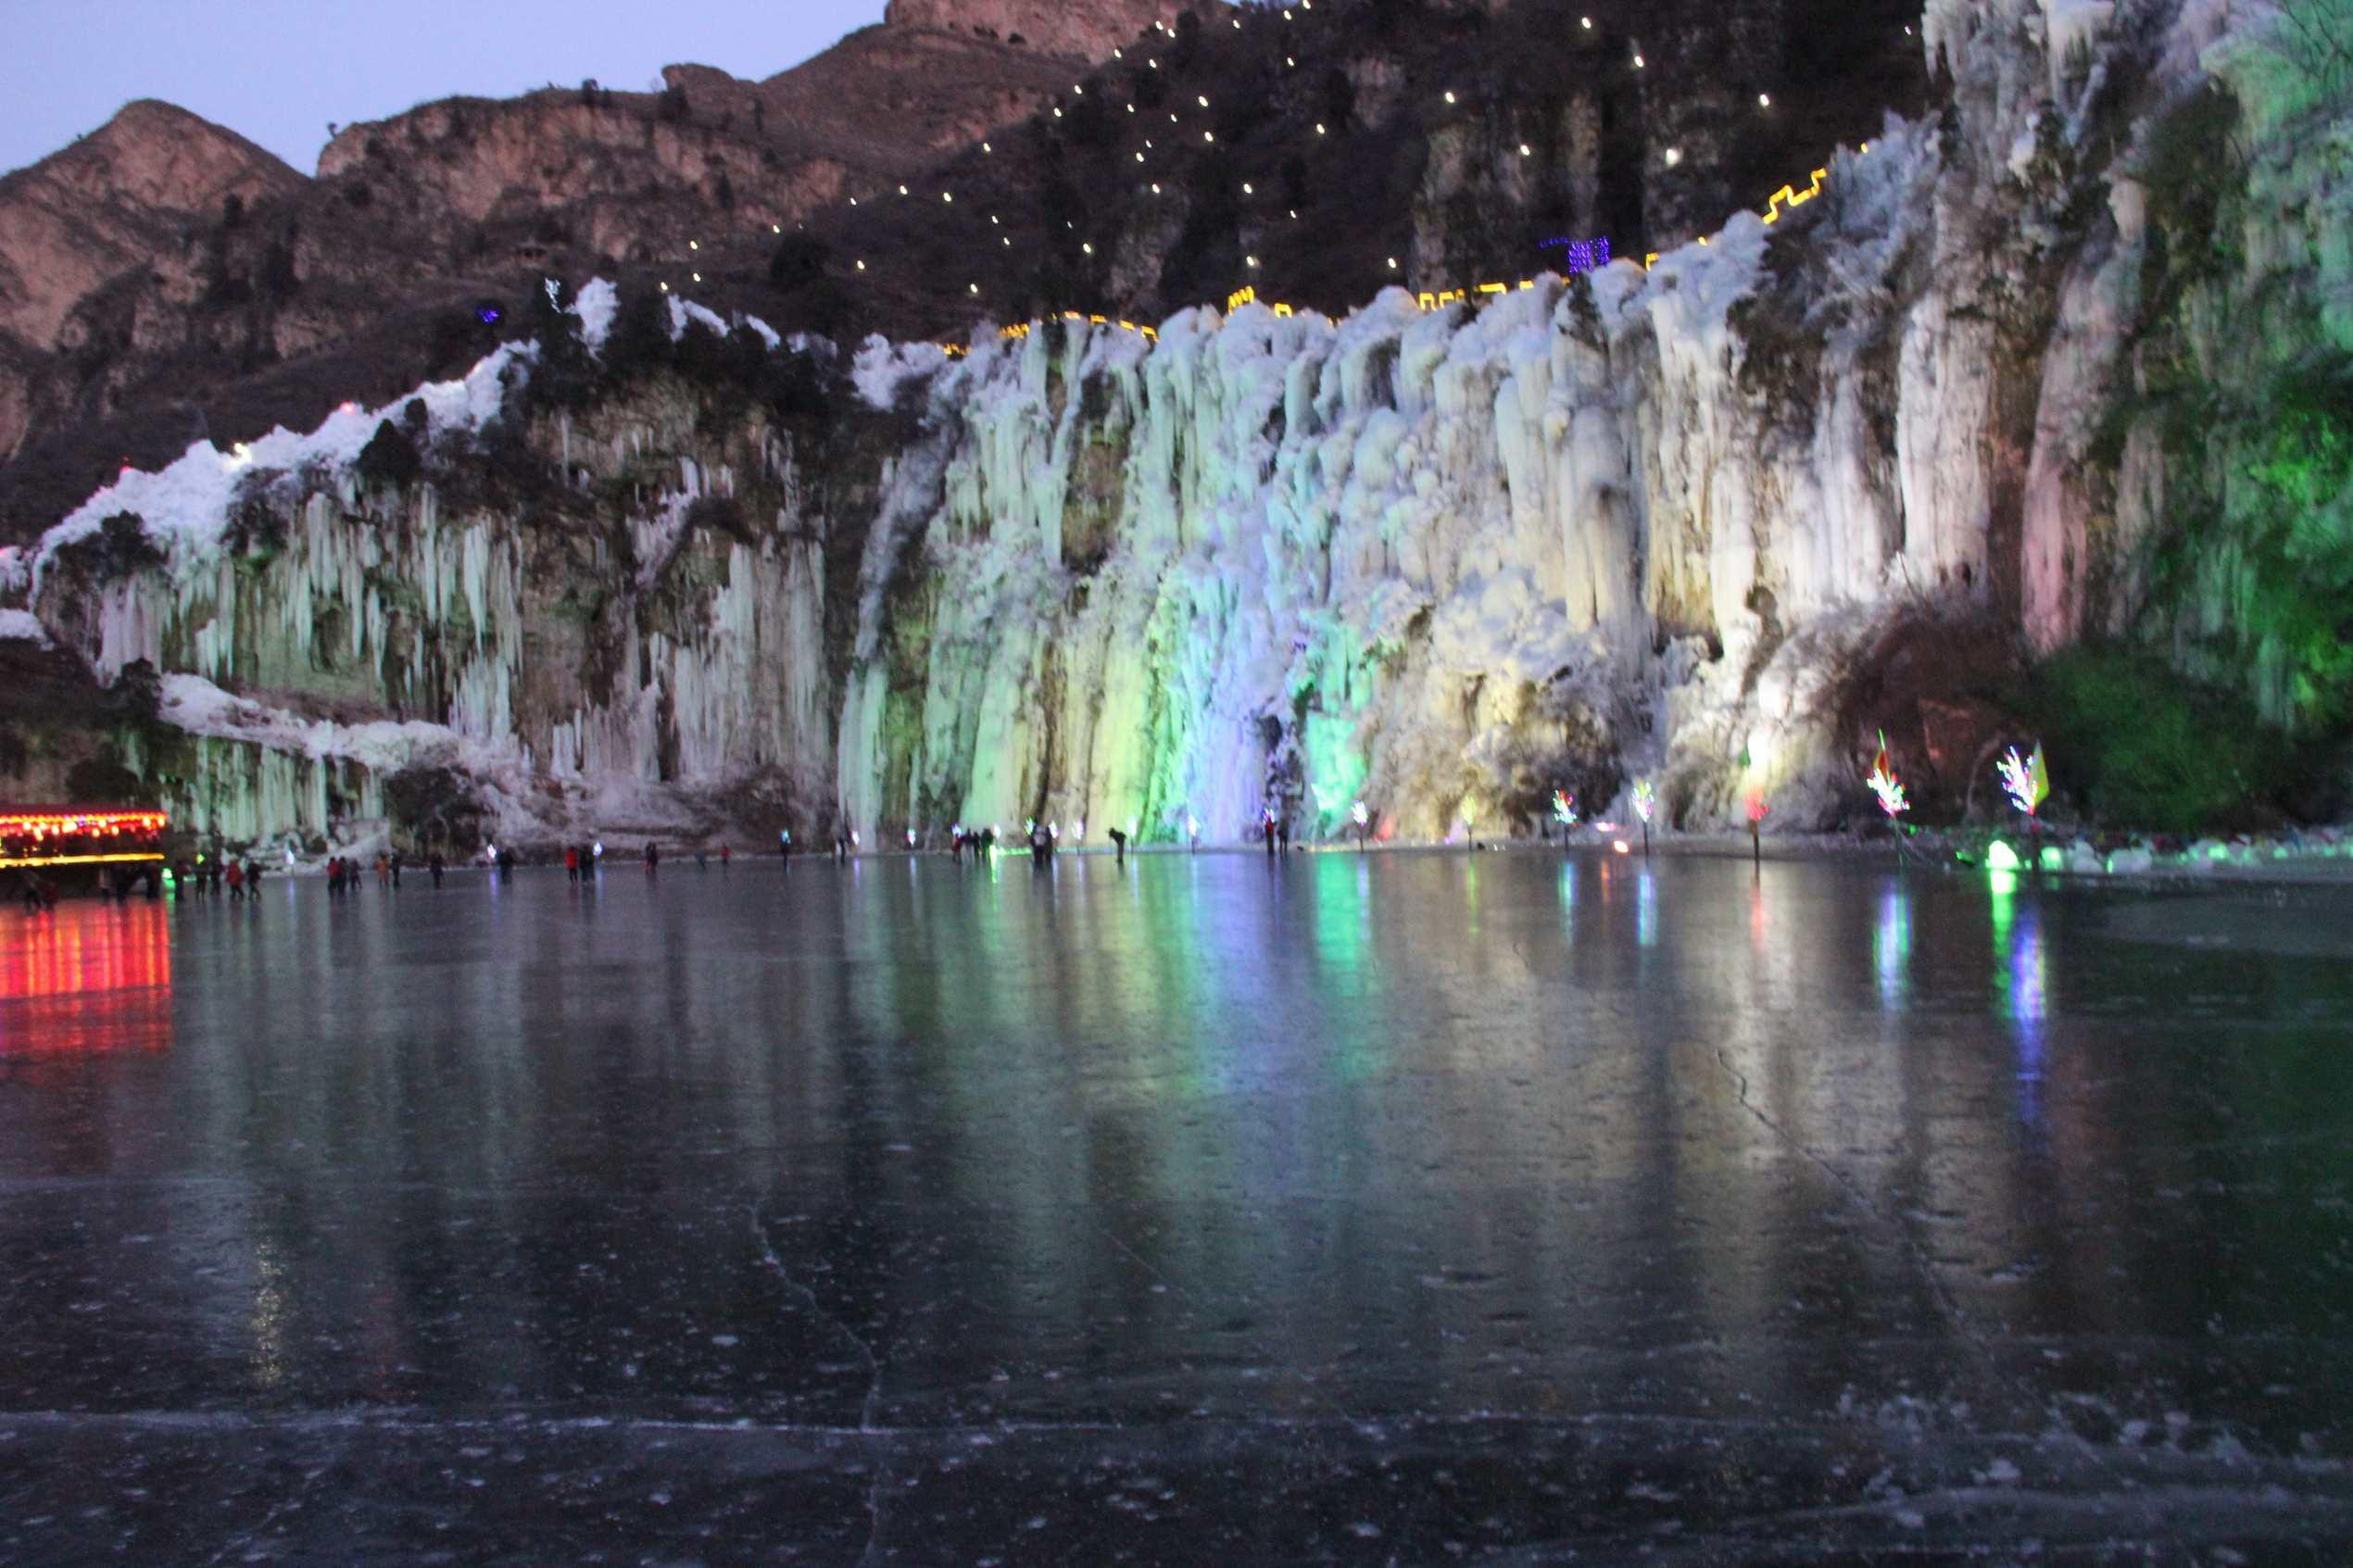 天桥峪冰瀑